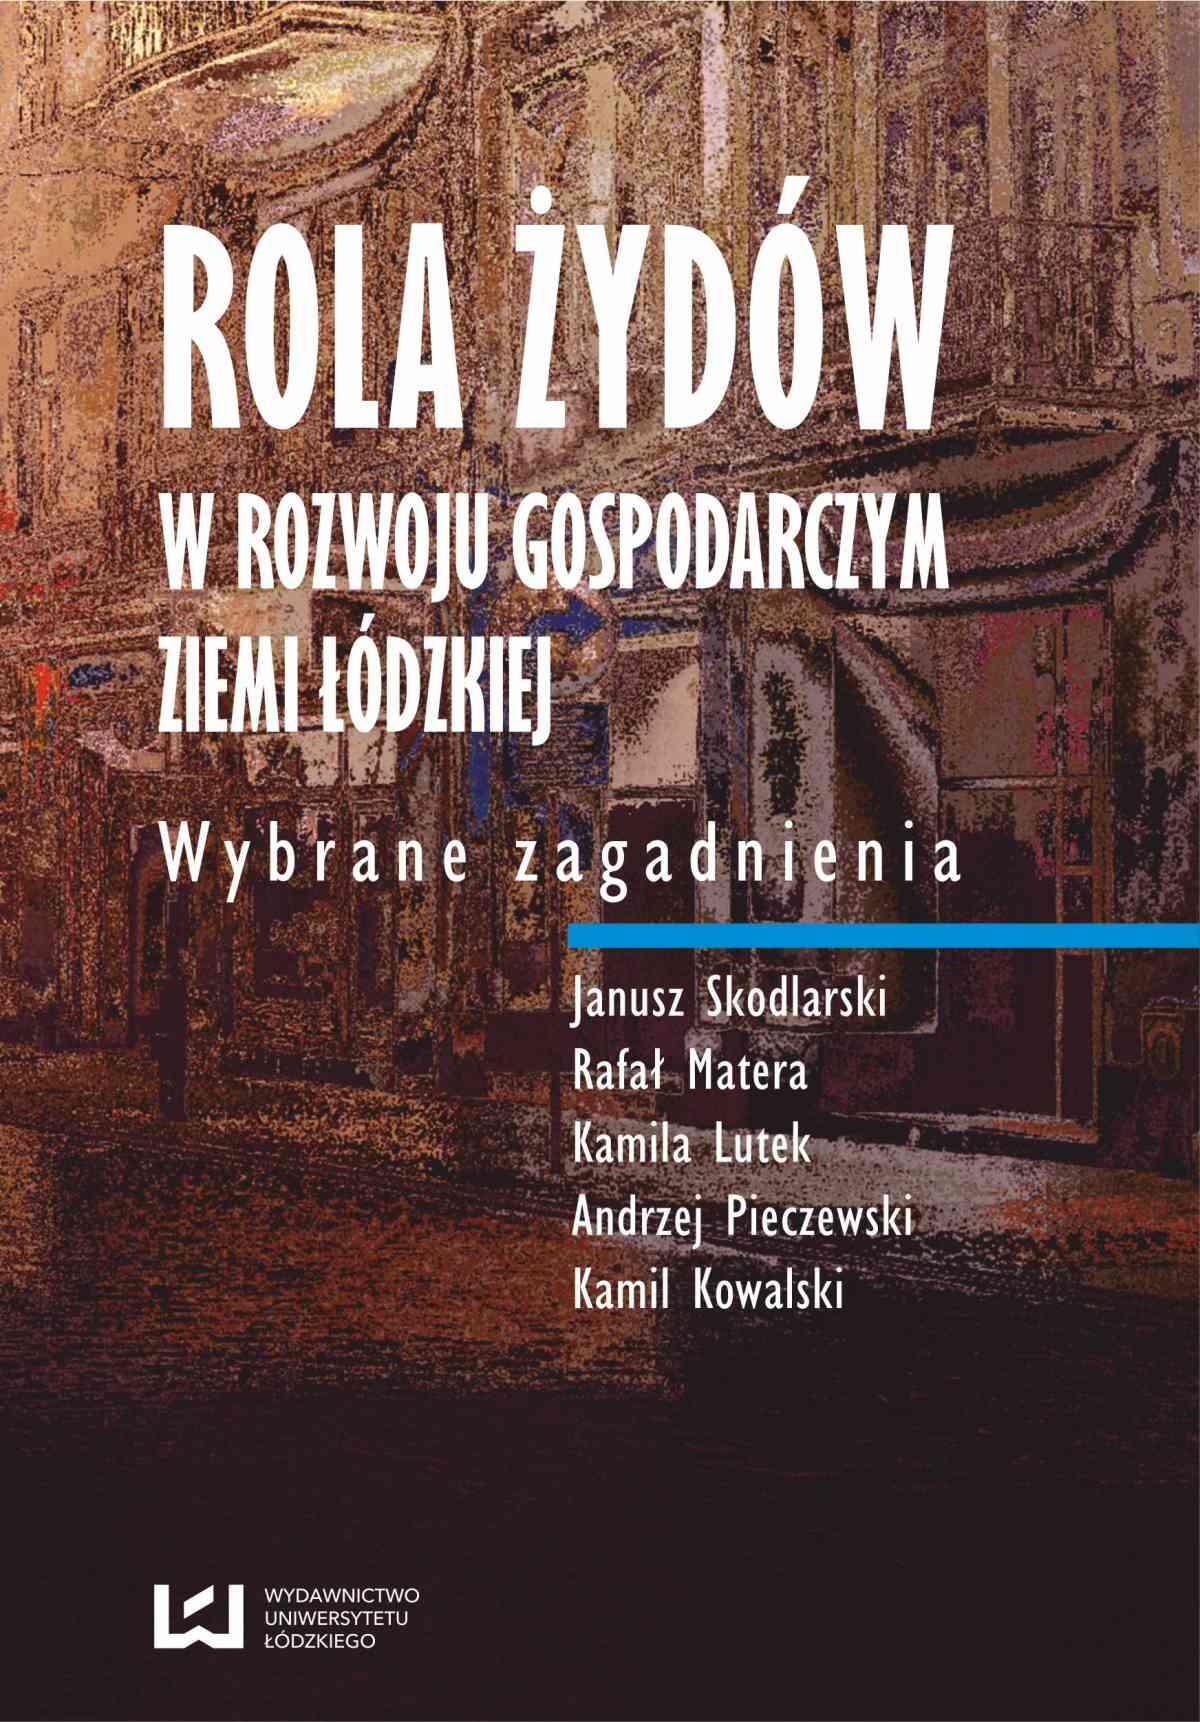 Rola Żydów w rozwoju gospodarczym ziemi łódzkiej. Wybrane zagadnienia - Ebook (Książka PDF) do pobrania w formacie PDF